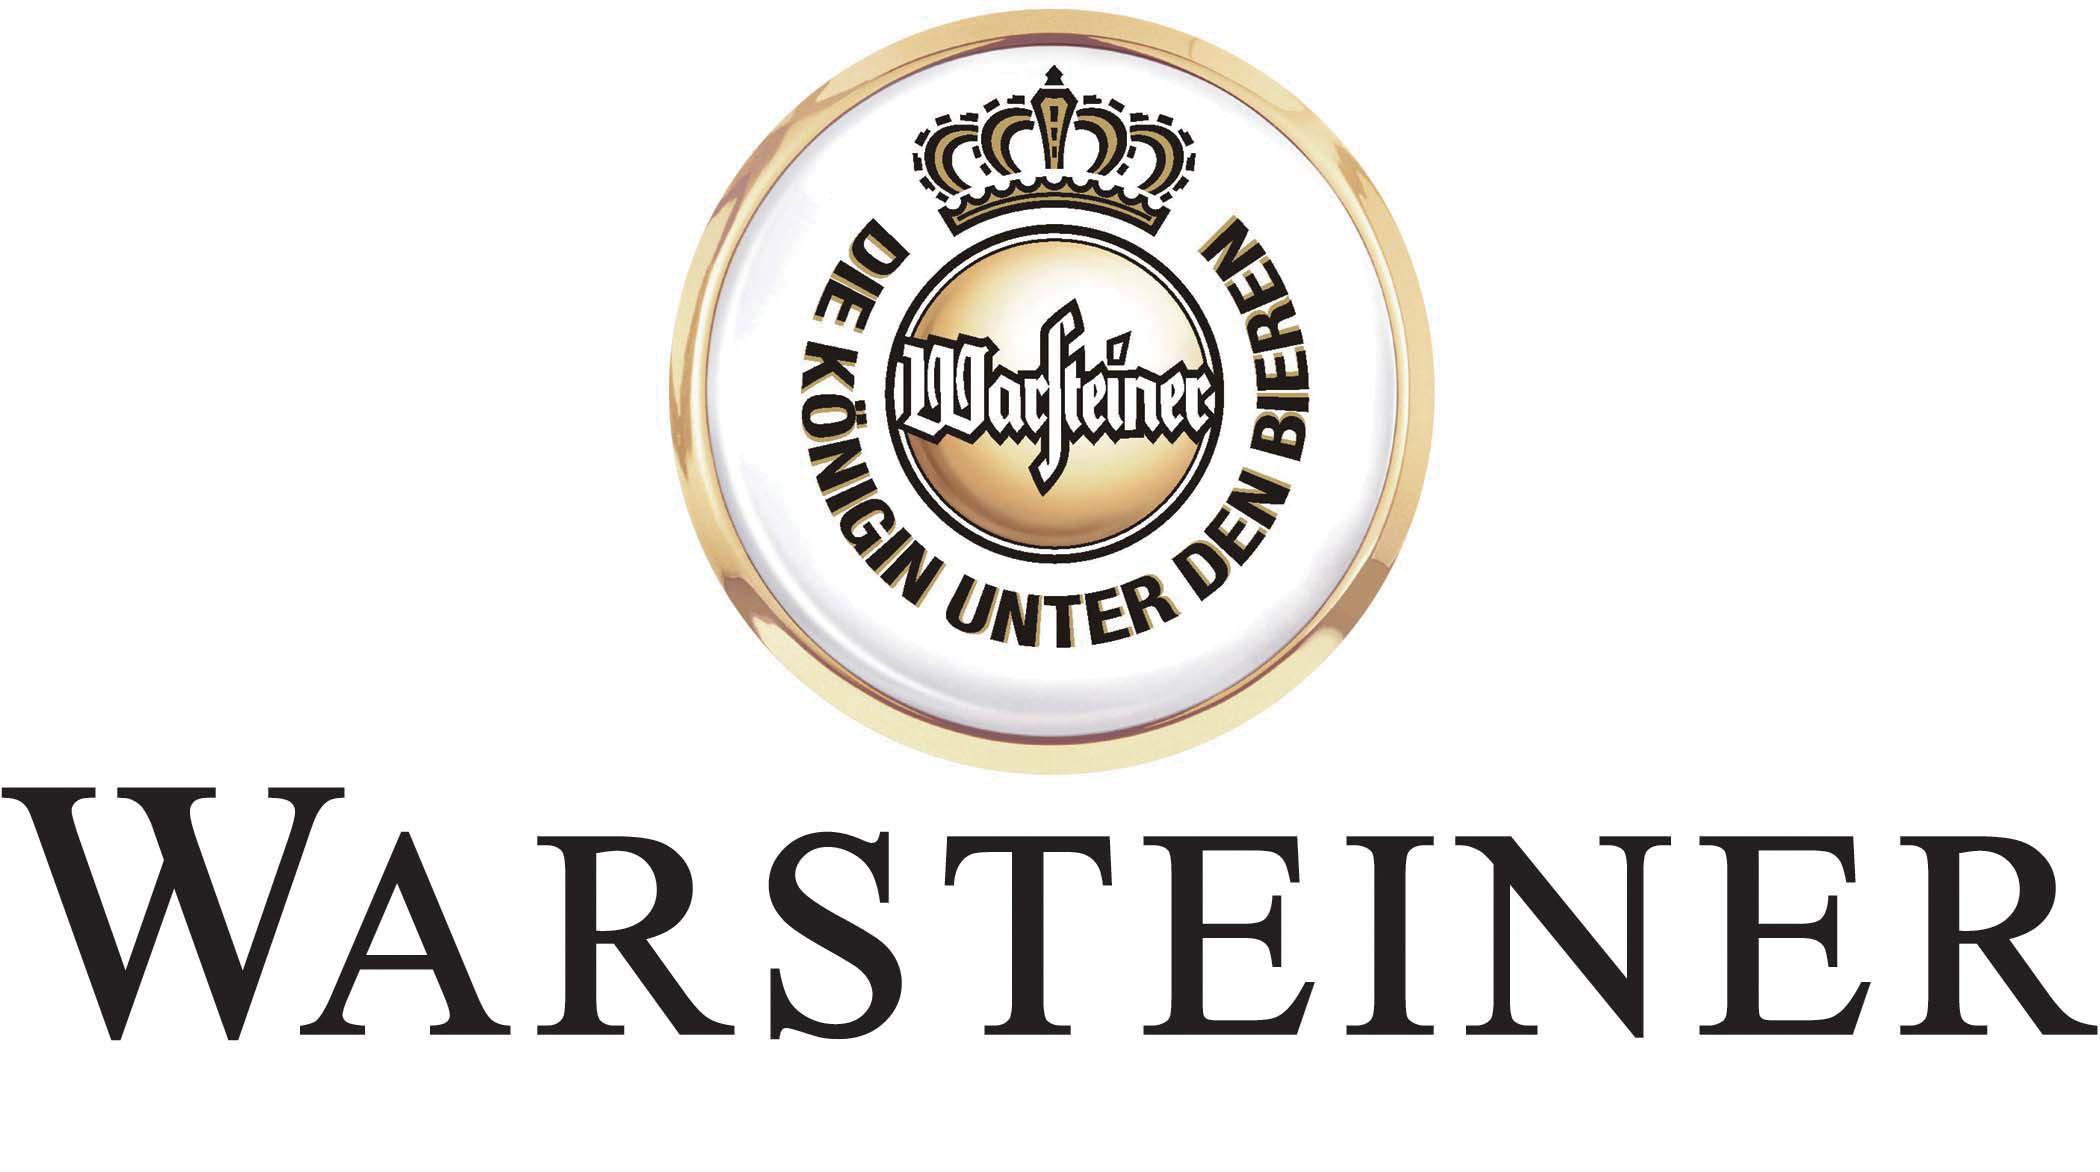 Warsteiner Brewery